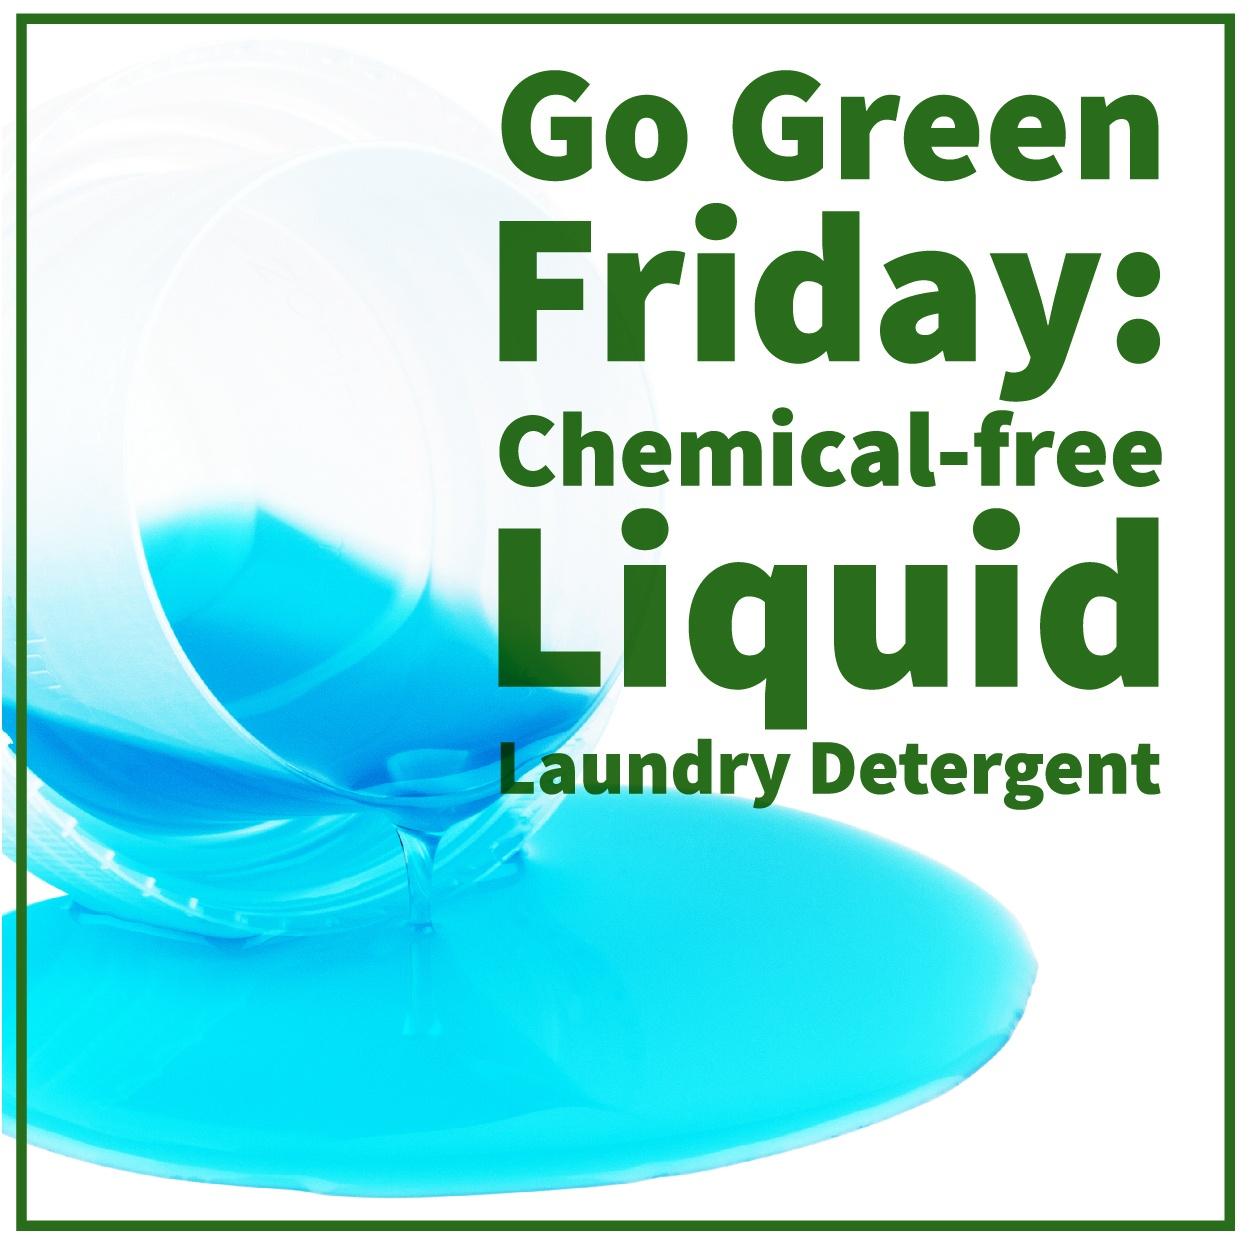 liquid_laundry_detergent-01